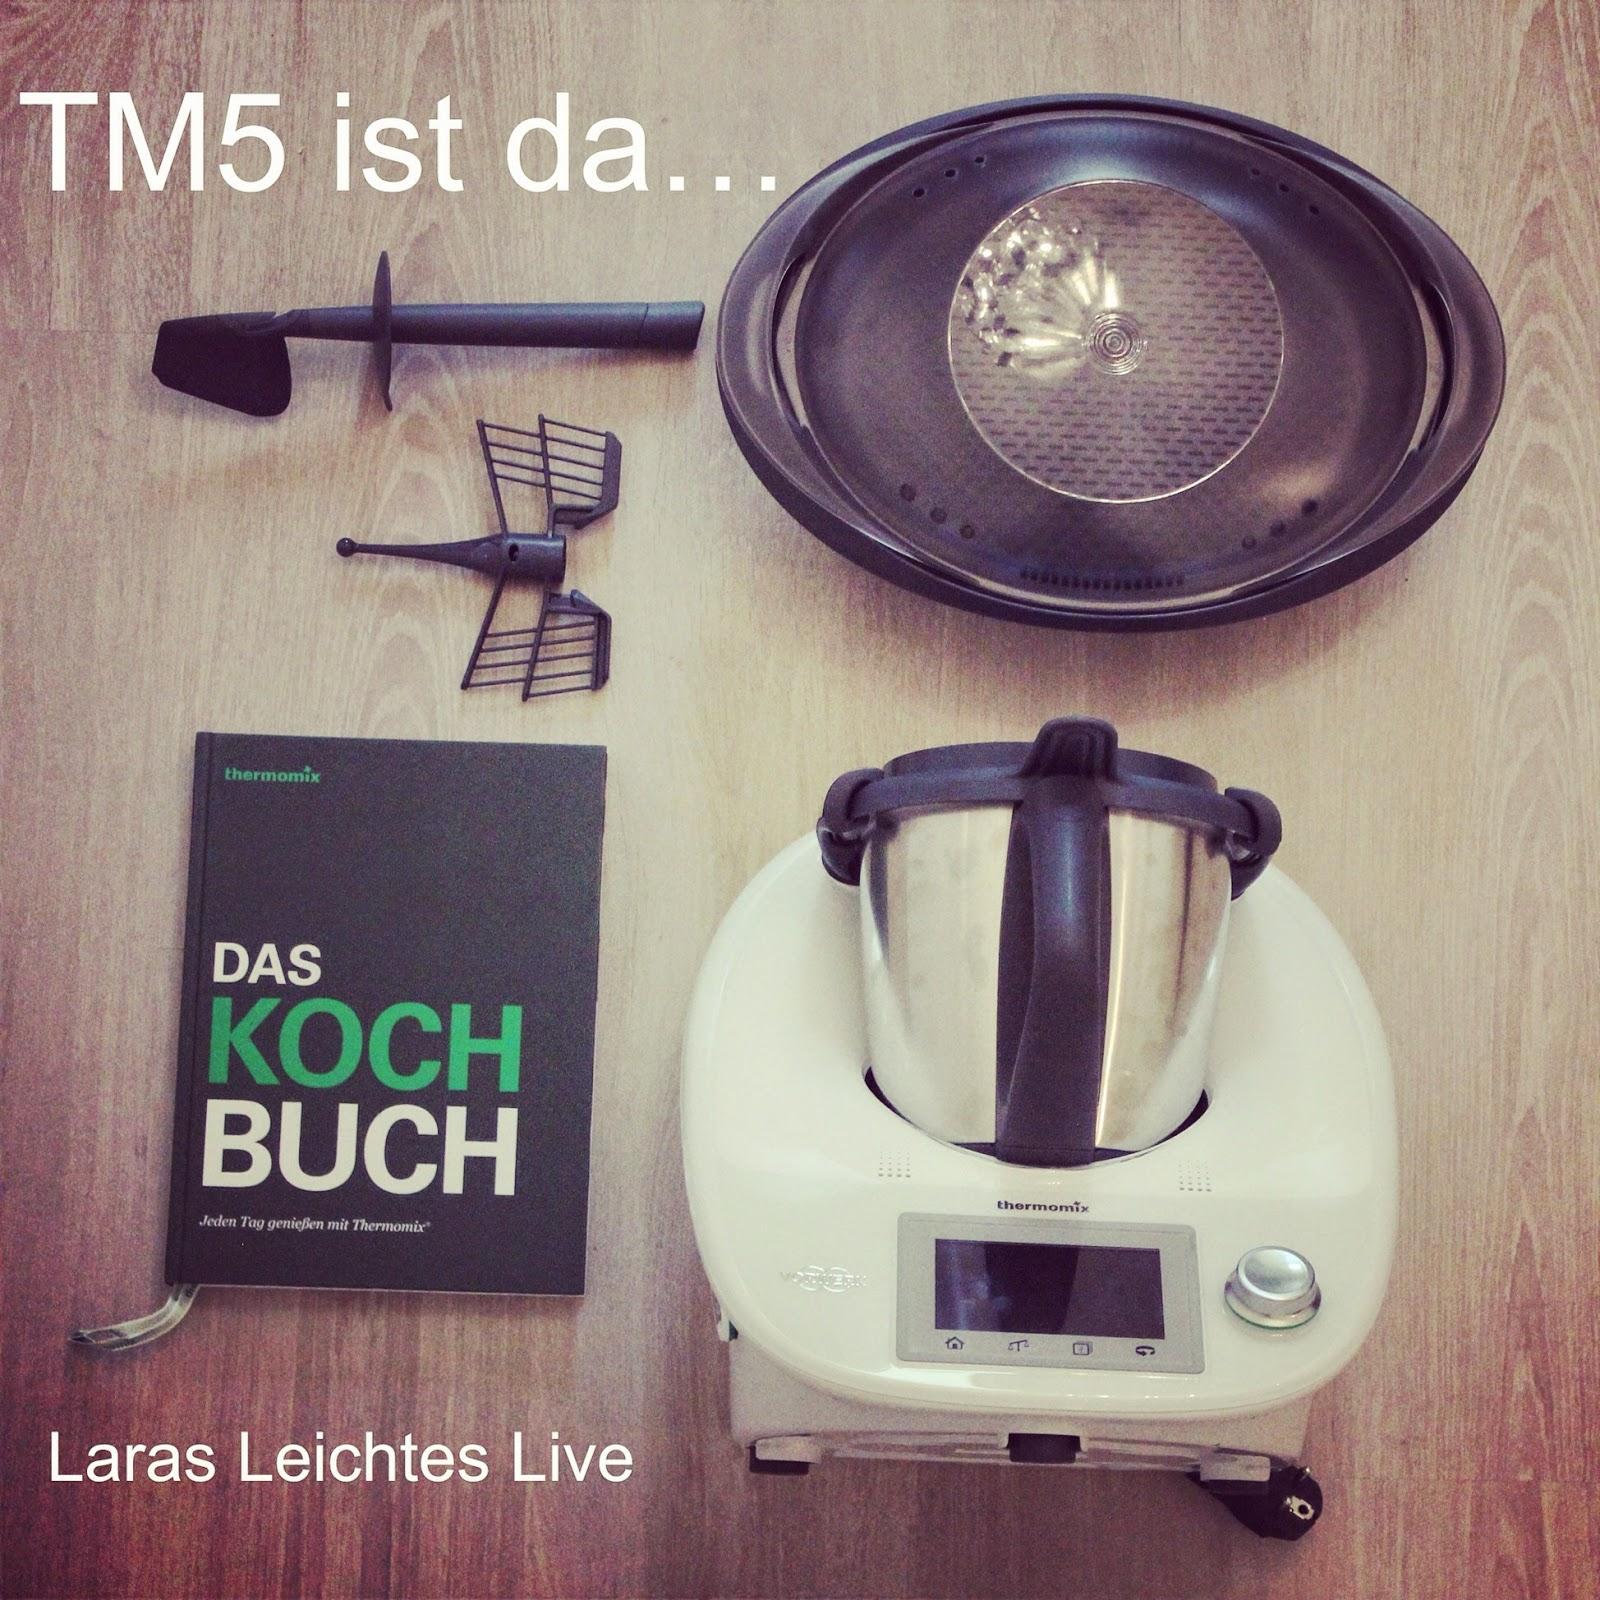 laras leichtes live : leichte küche - Thermomix Leichte Küche